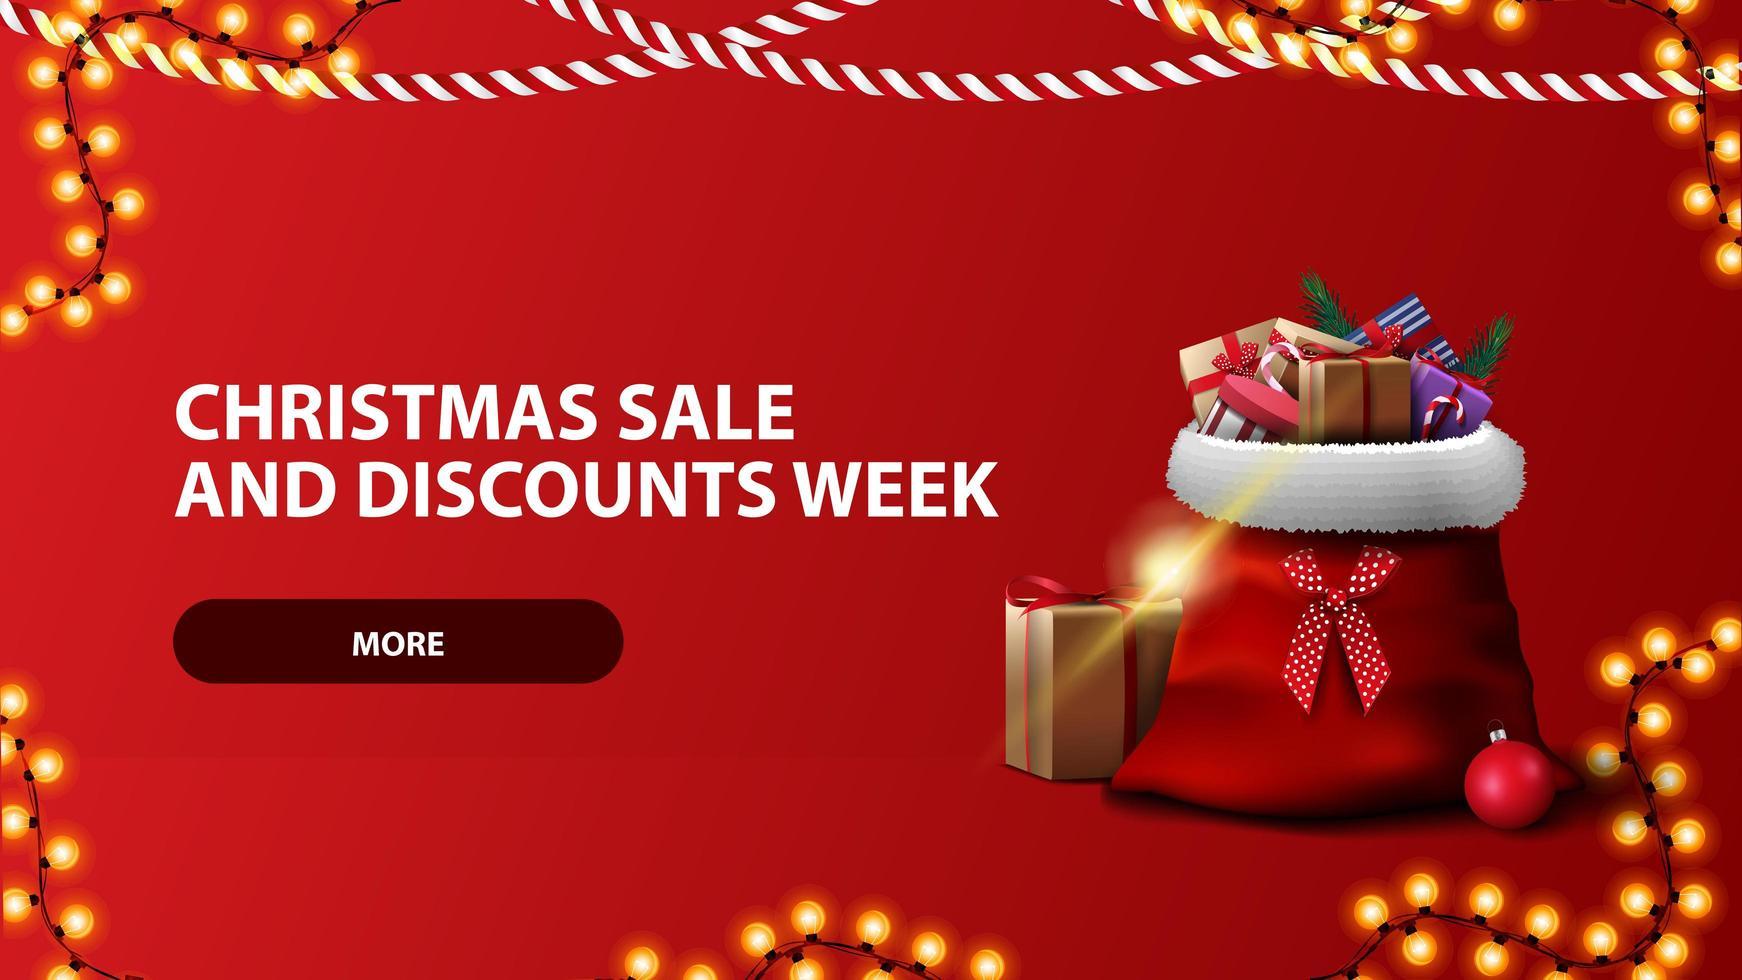 Venta de Navidad y semana de descuentos, banner horizontal rojo con botón, guirnalda y bolsa de santa claus vector